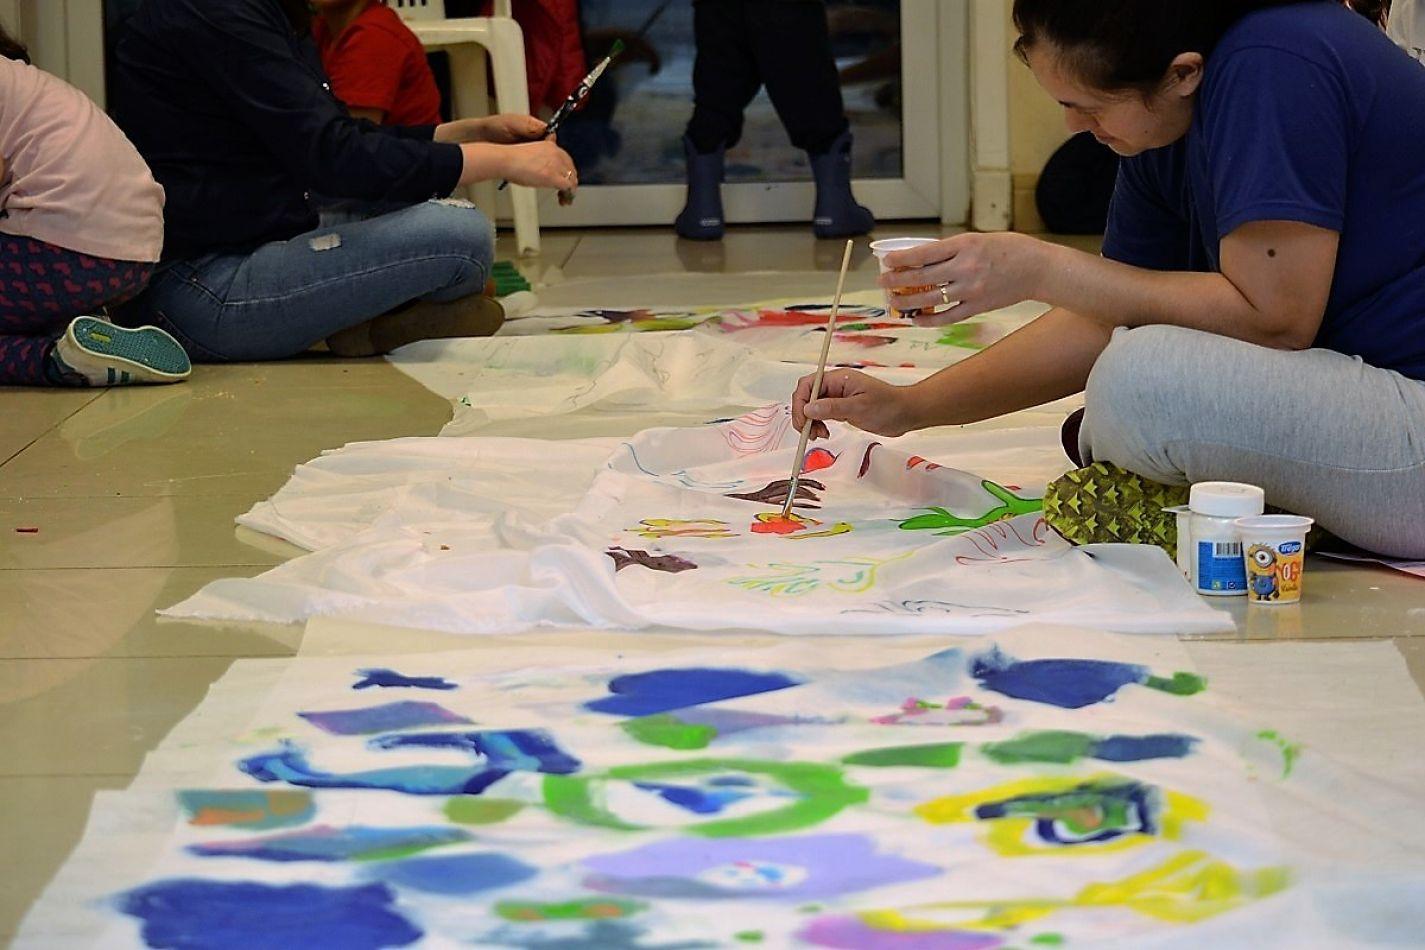 El taller de Artes Plásticas, que se dicta en Yaganes es compartido por la familia.